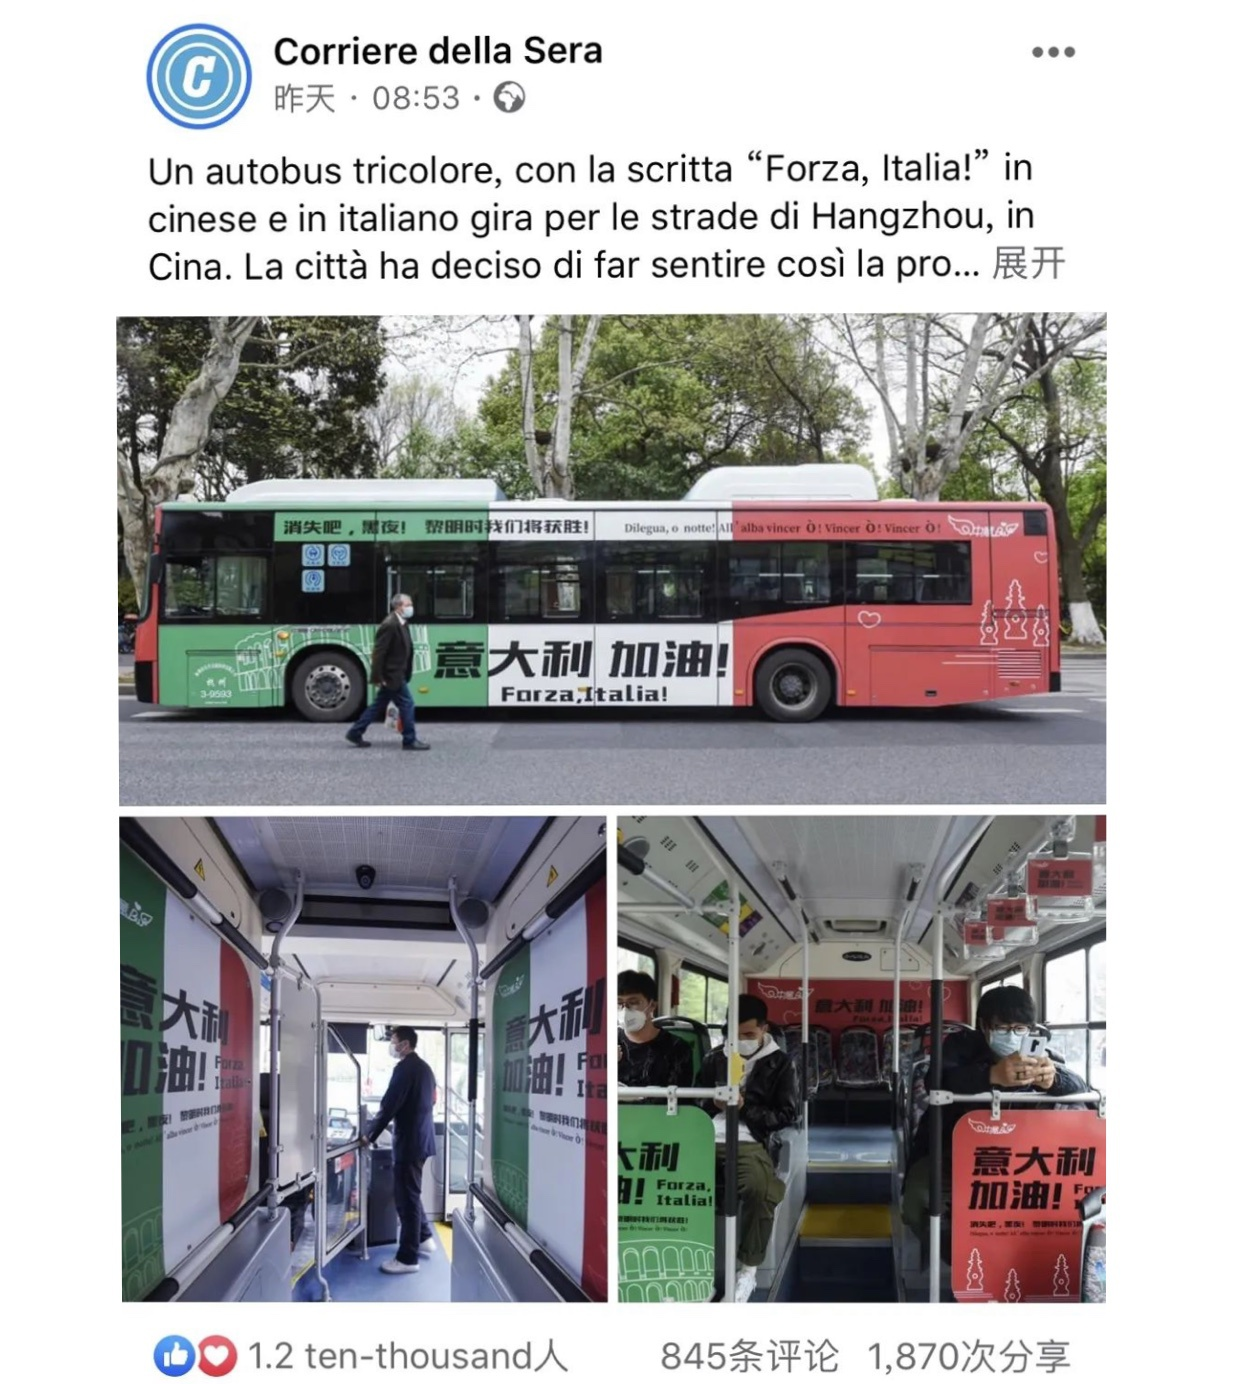 杭州巴士为意大利加油获意主流媒体关注(图)